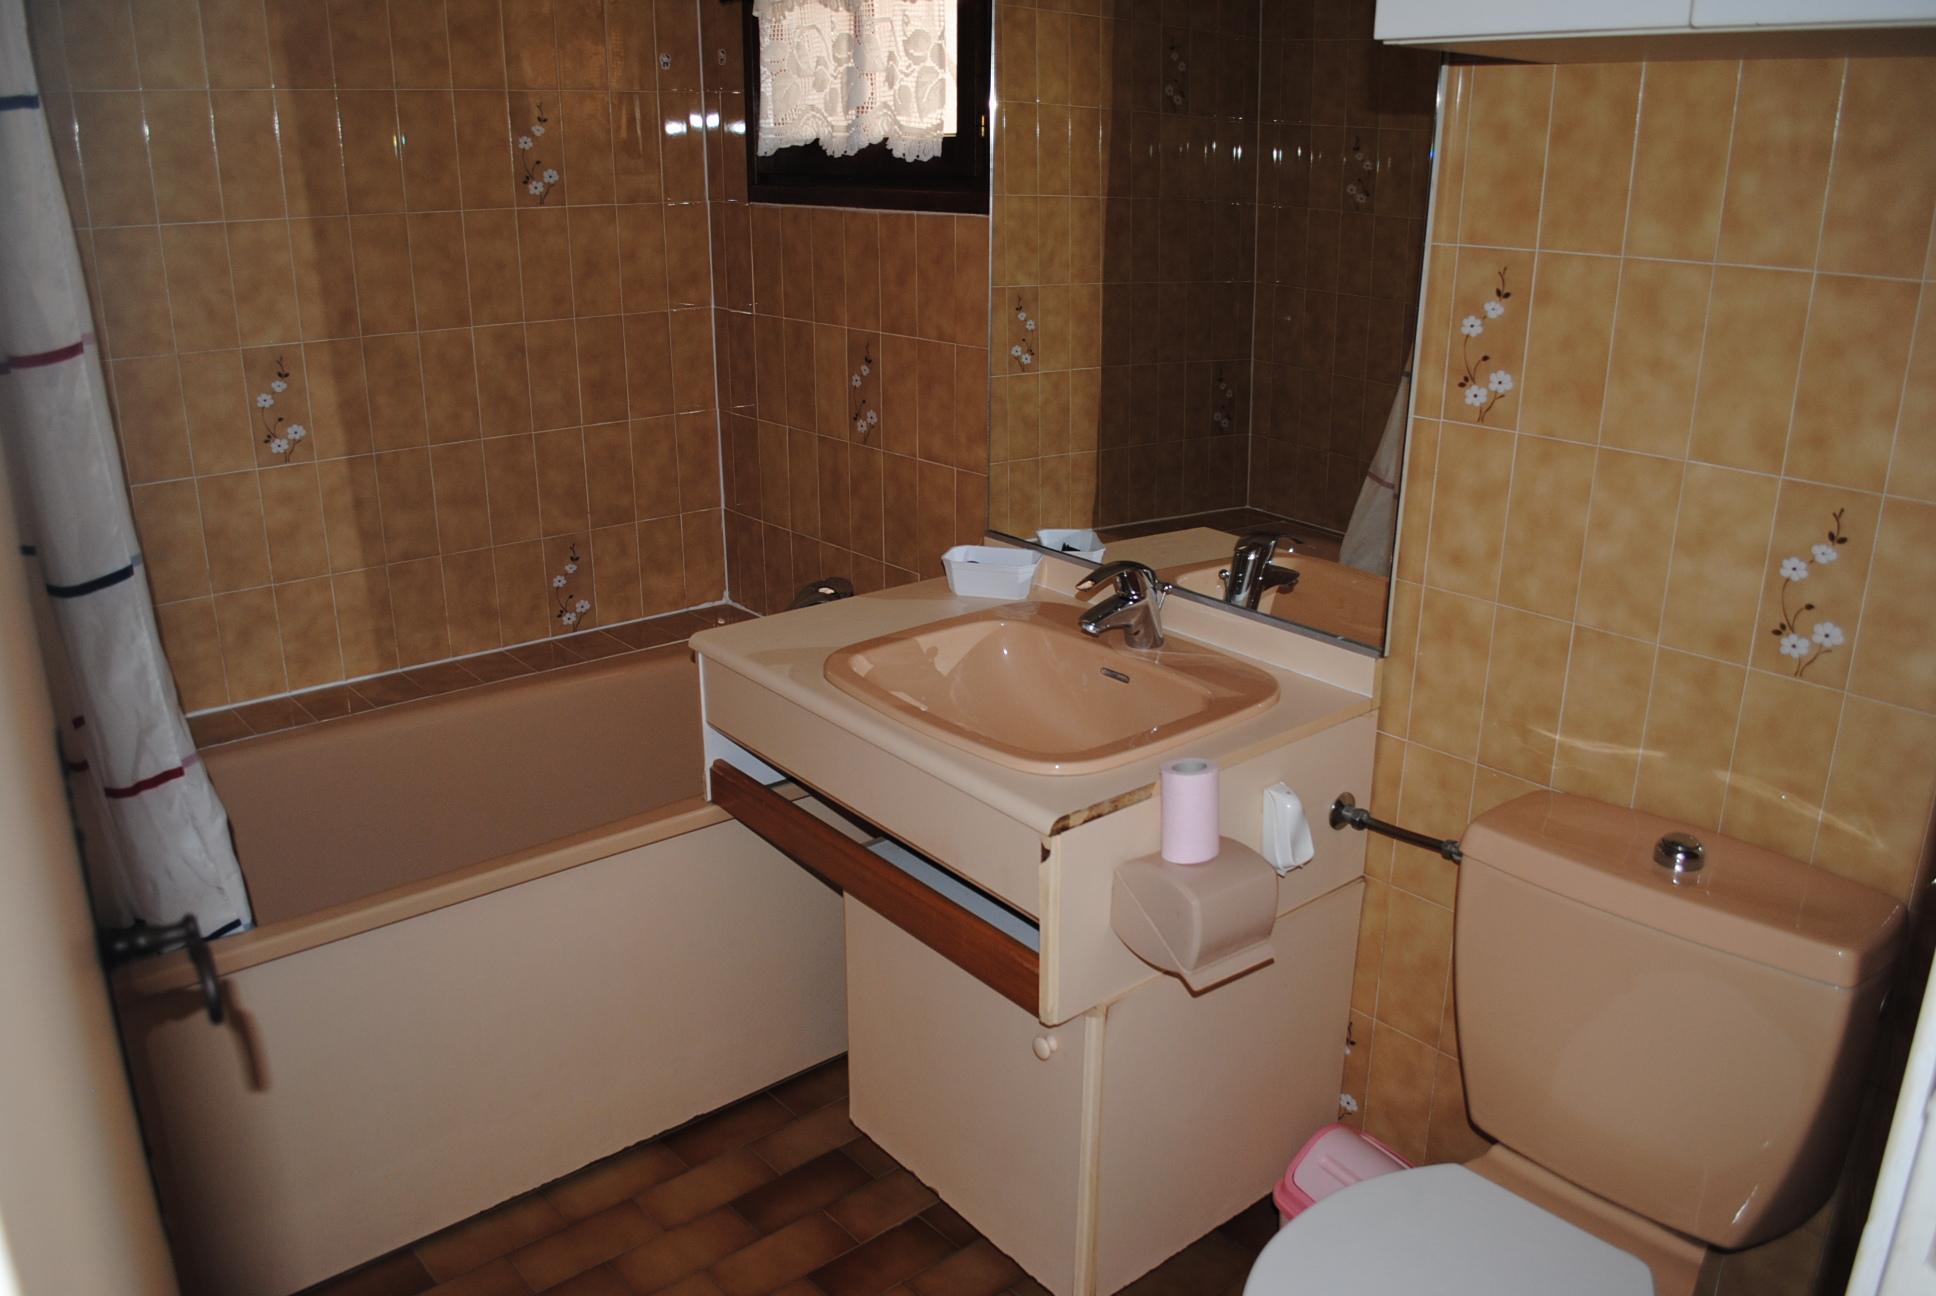 Location Studio Mezzanine Meublé T1 Bormes les Mimosas Hameau des Olivierss